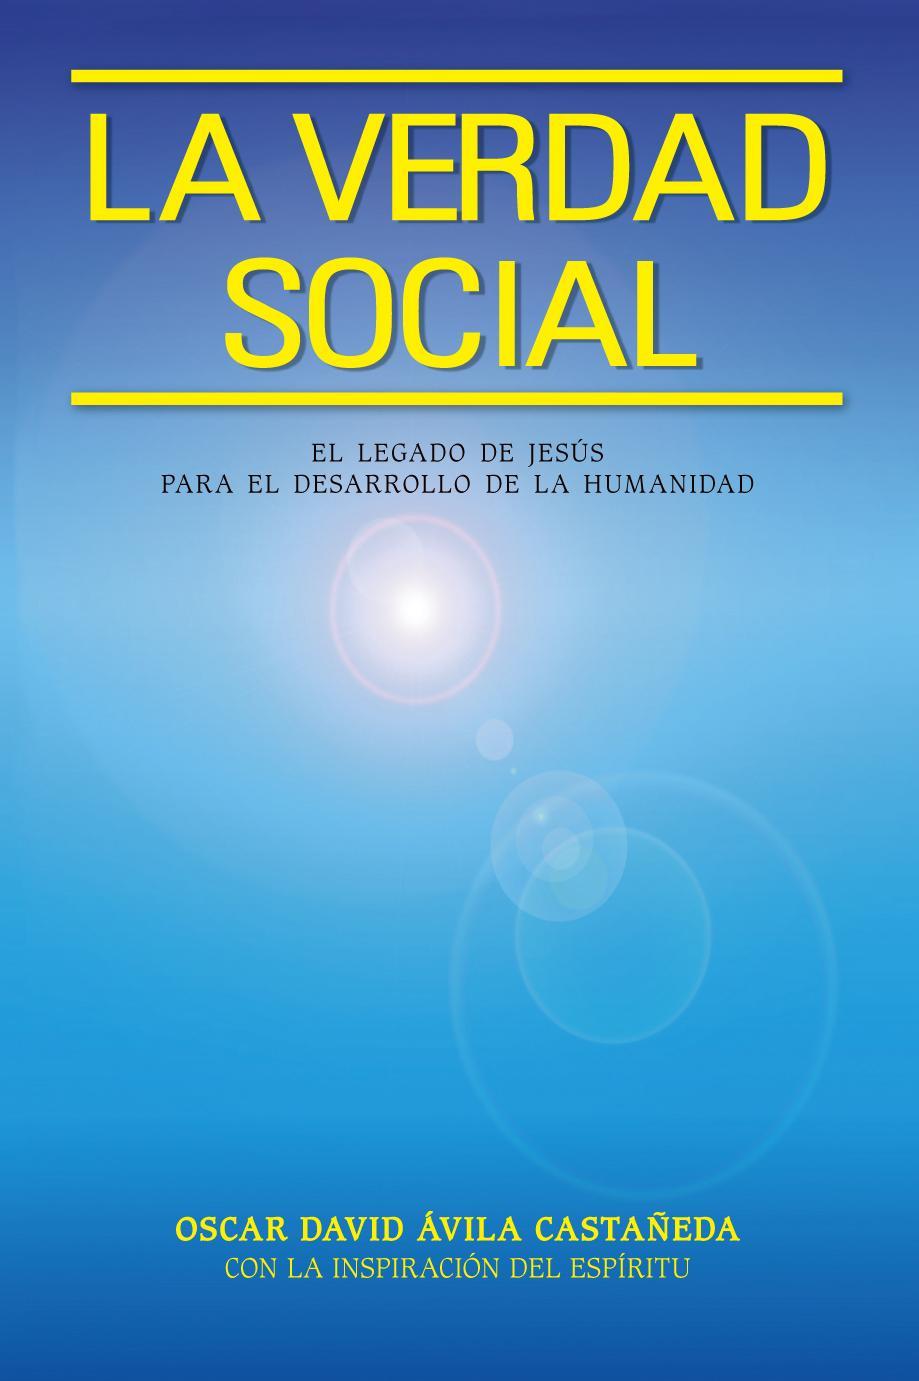 La Verdad Social: El Legado de Jesús para el Desarrollo de la Humanidad